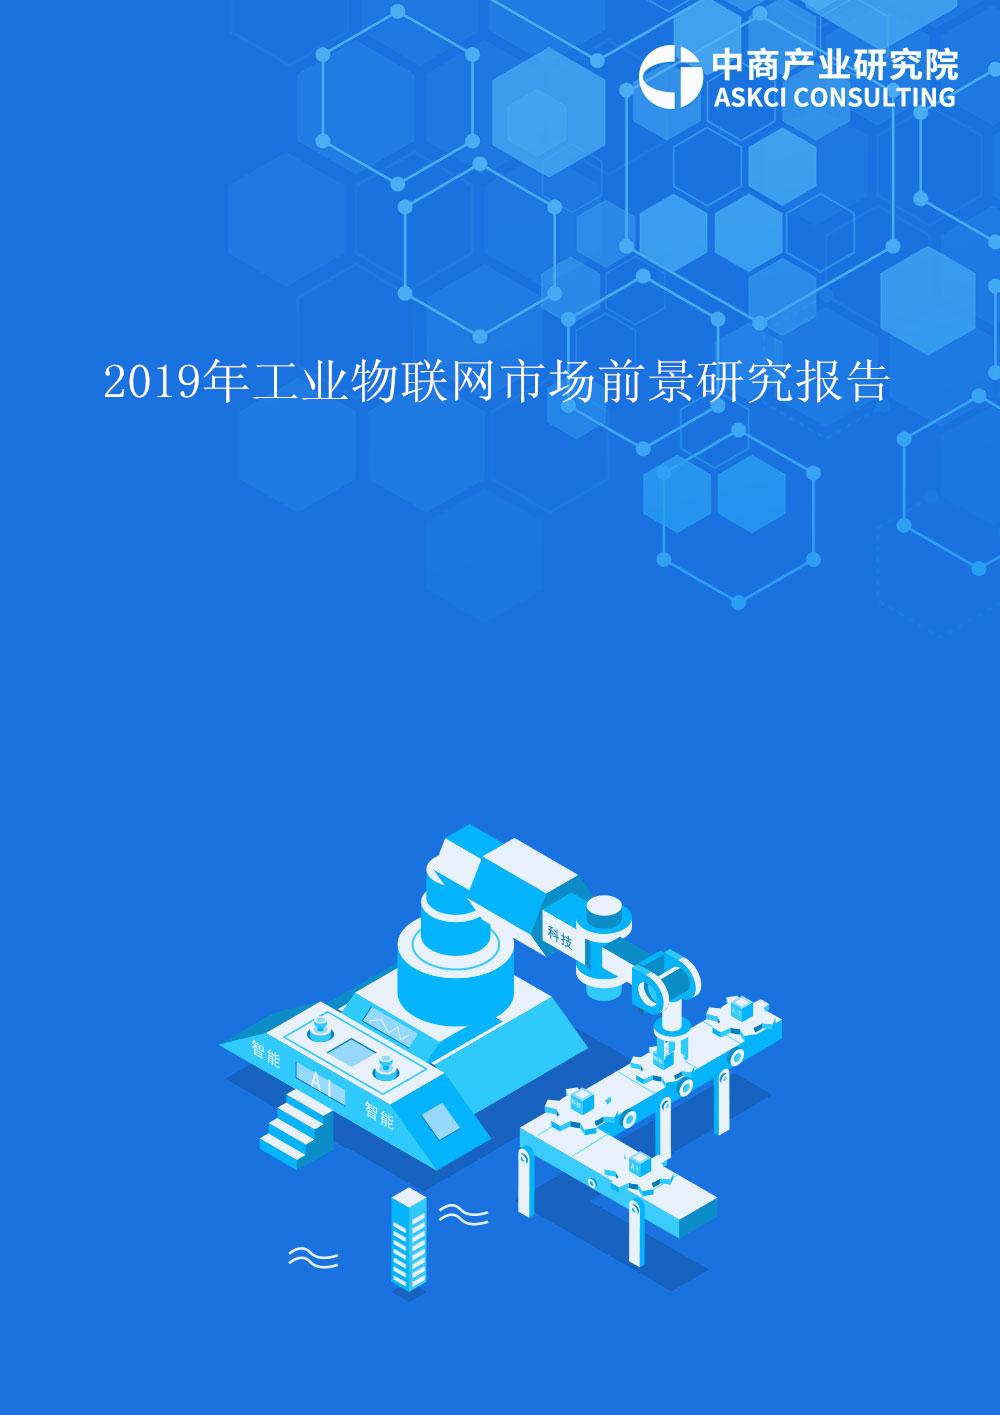 2019年中国工业物联网市场前景研究报告